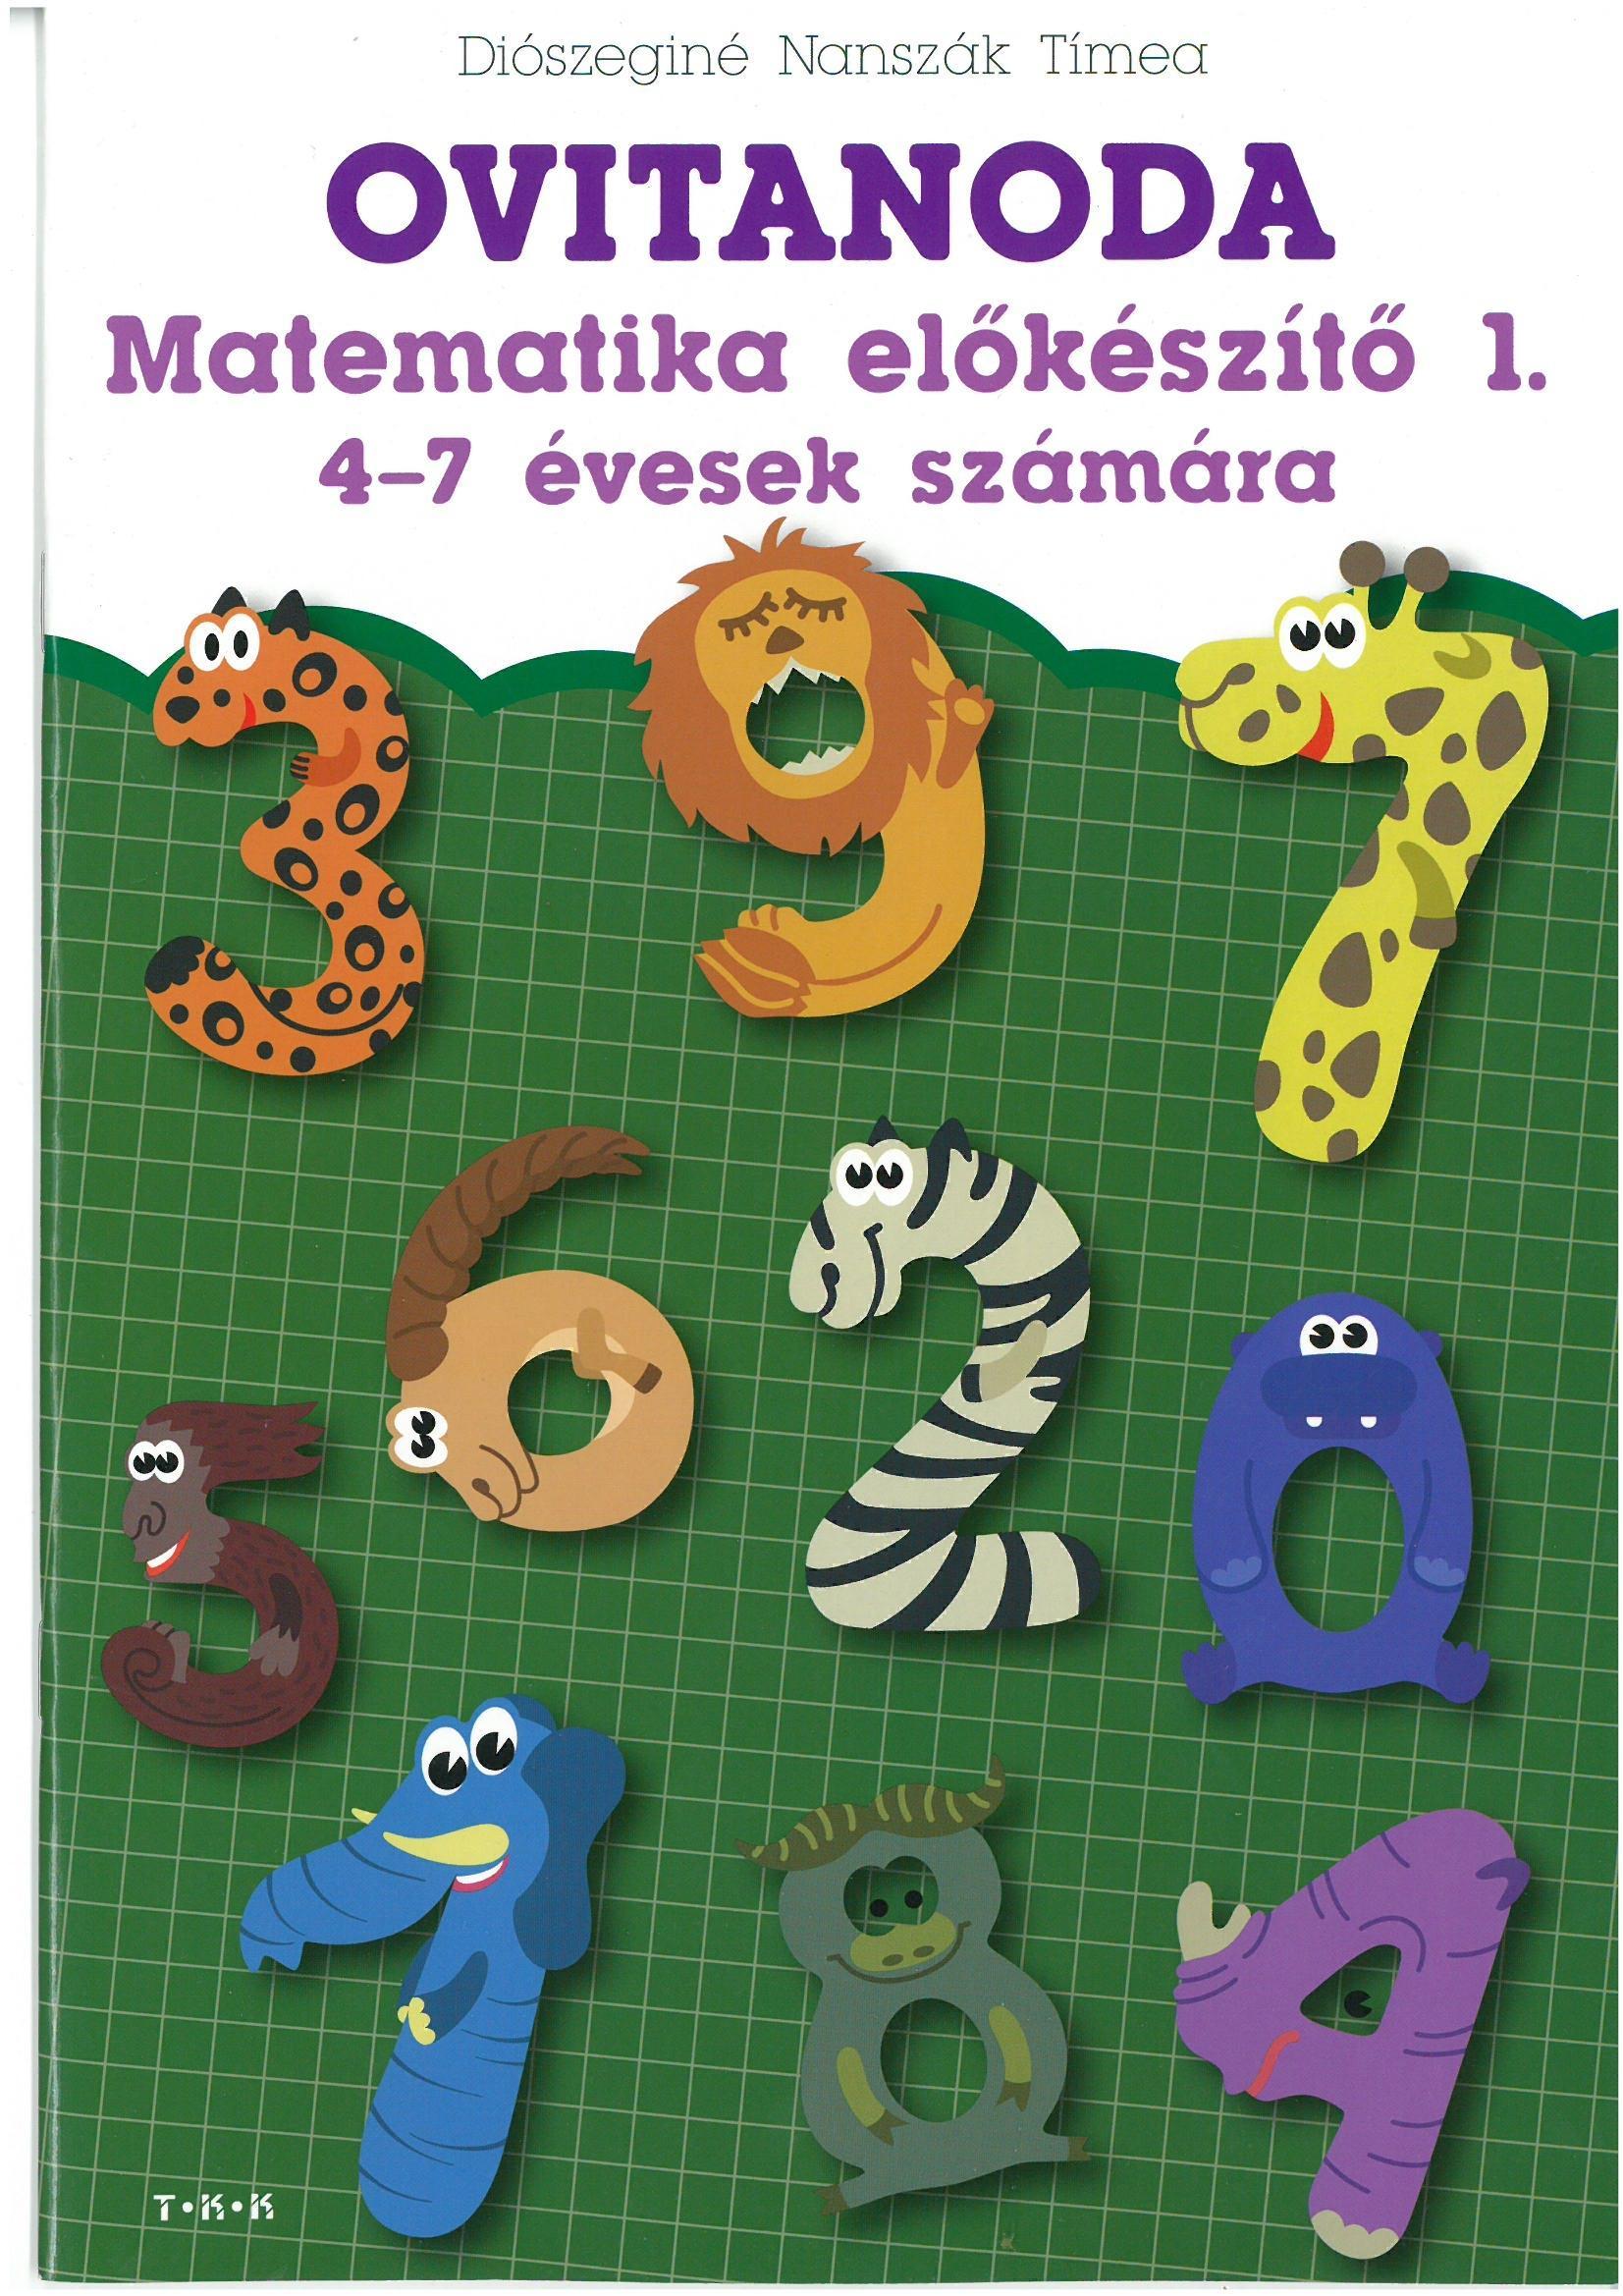 DIÓSZEGINÉ NANSZÁK TÍMEA - OVITANODA - MATEMATIKA ELŐKÉSZÍTŐ 1. 4-7 ÉVESEK SZÁMÁRA